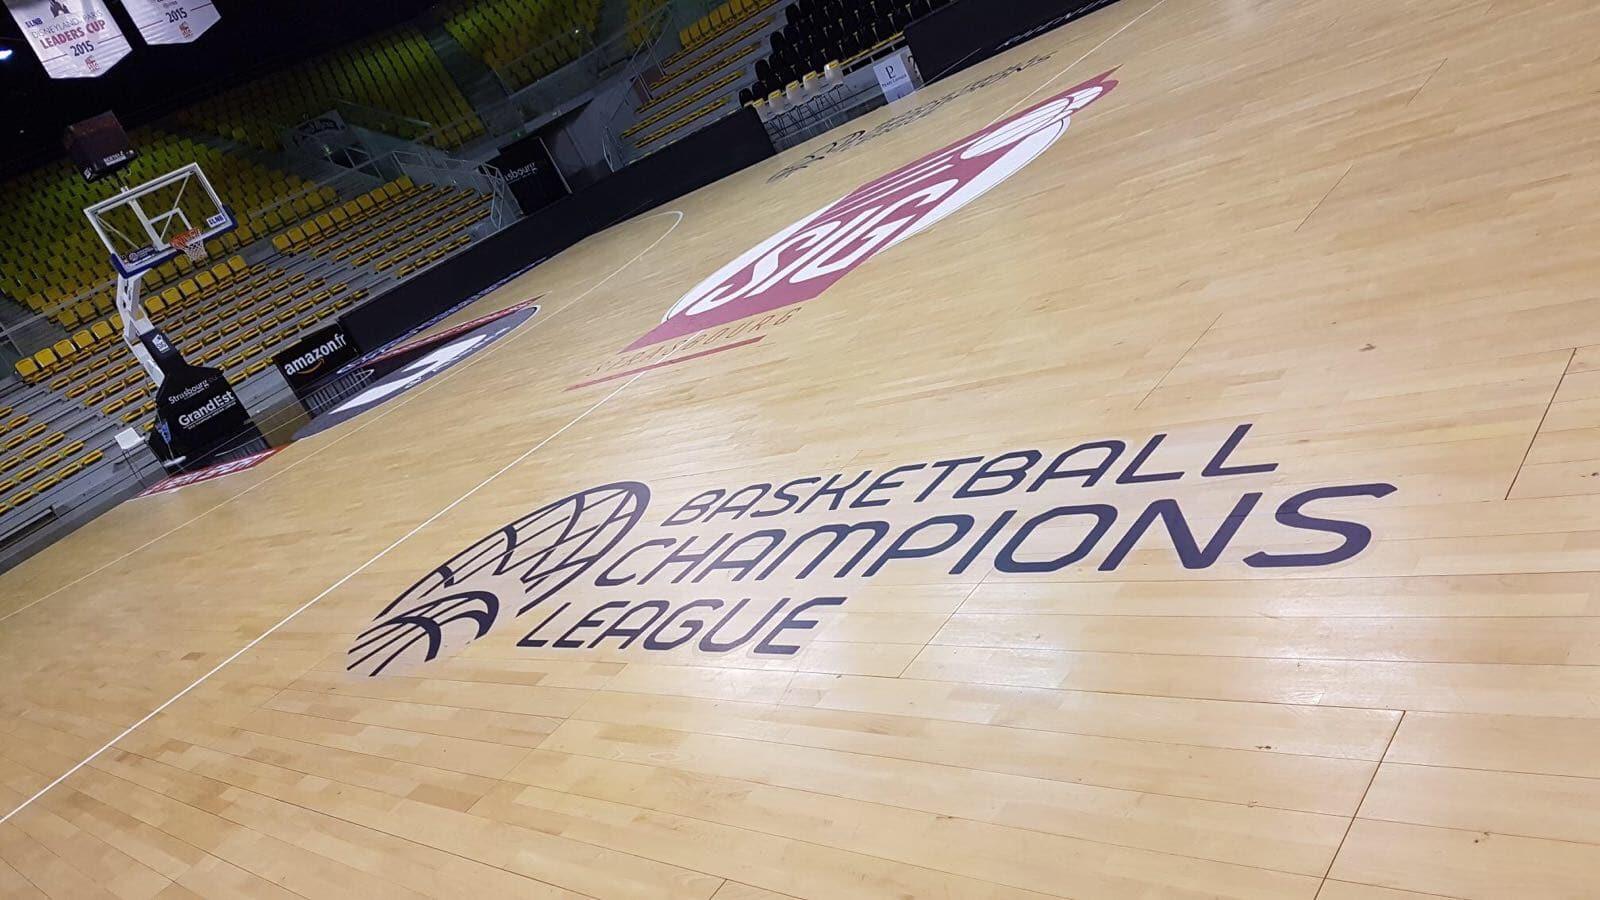 lettrage adhésif champions league basket